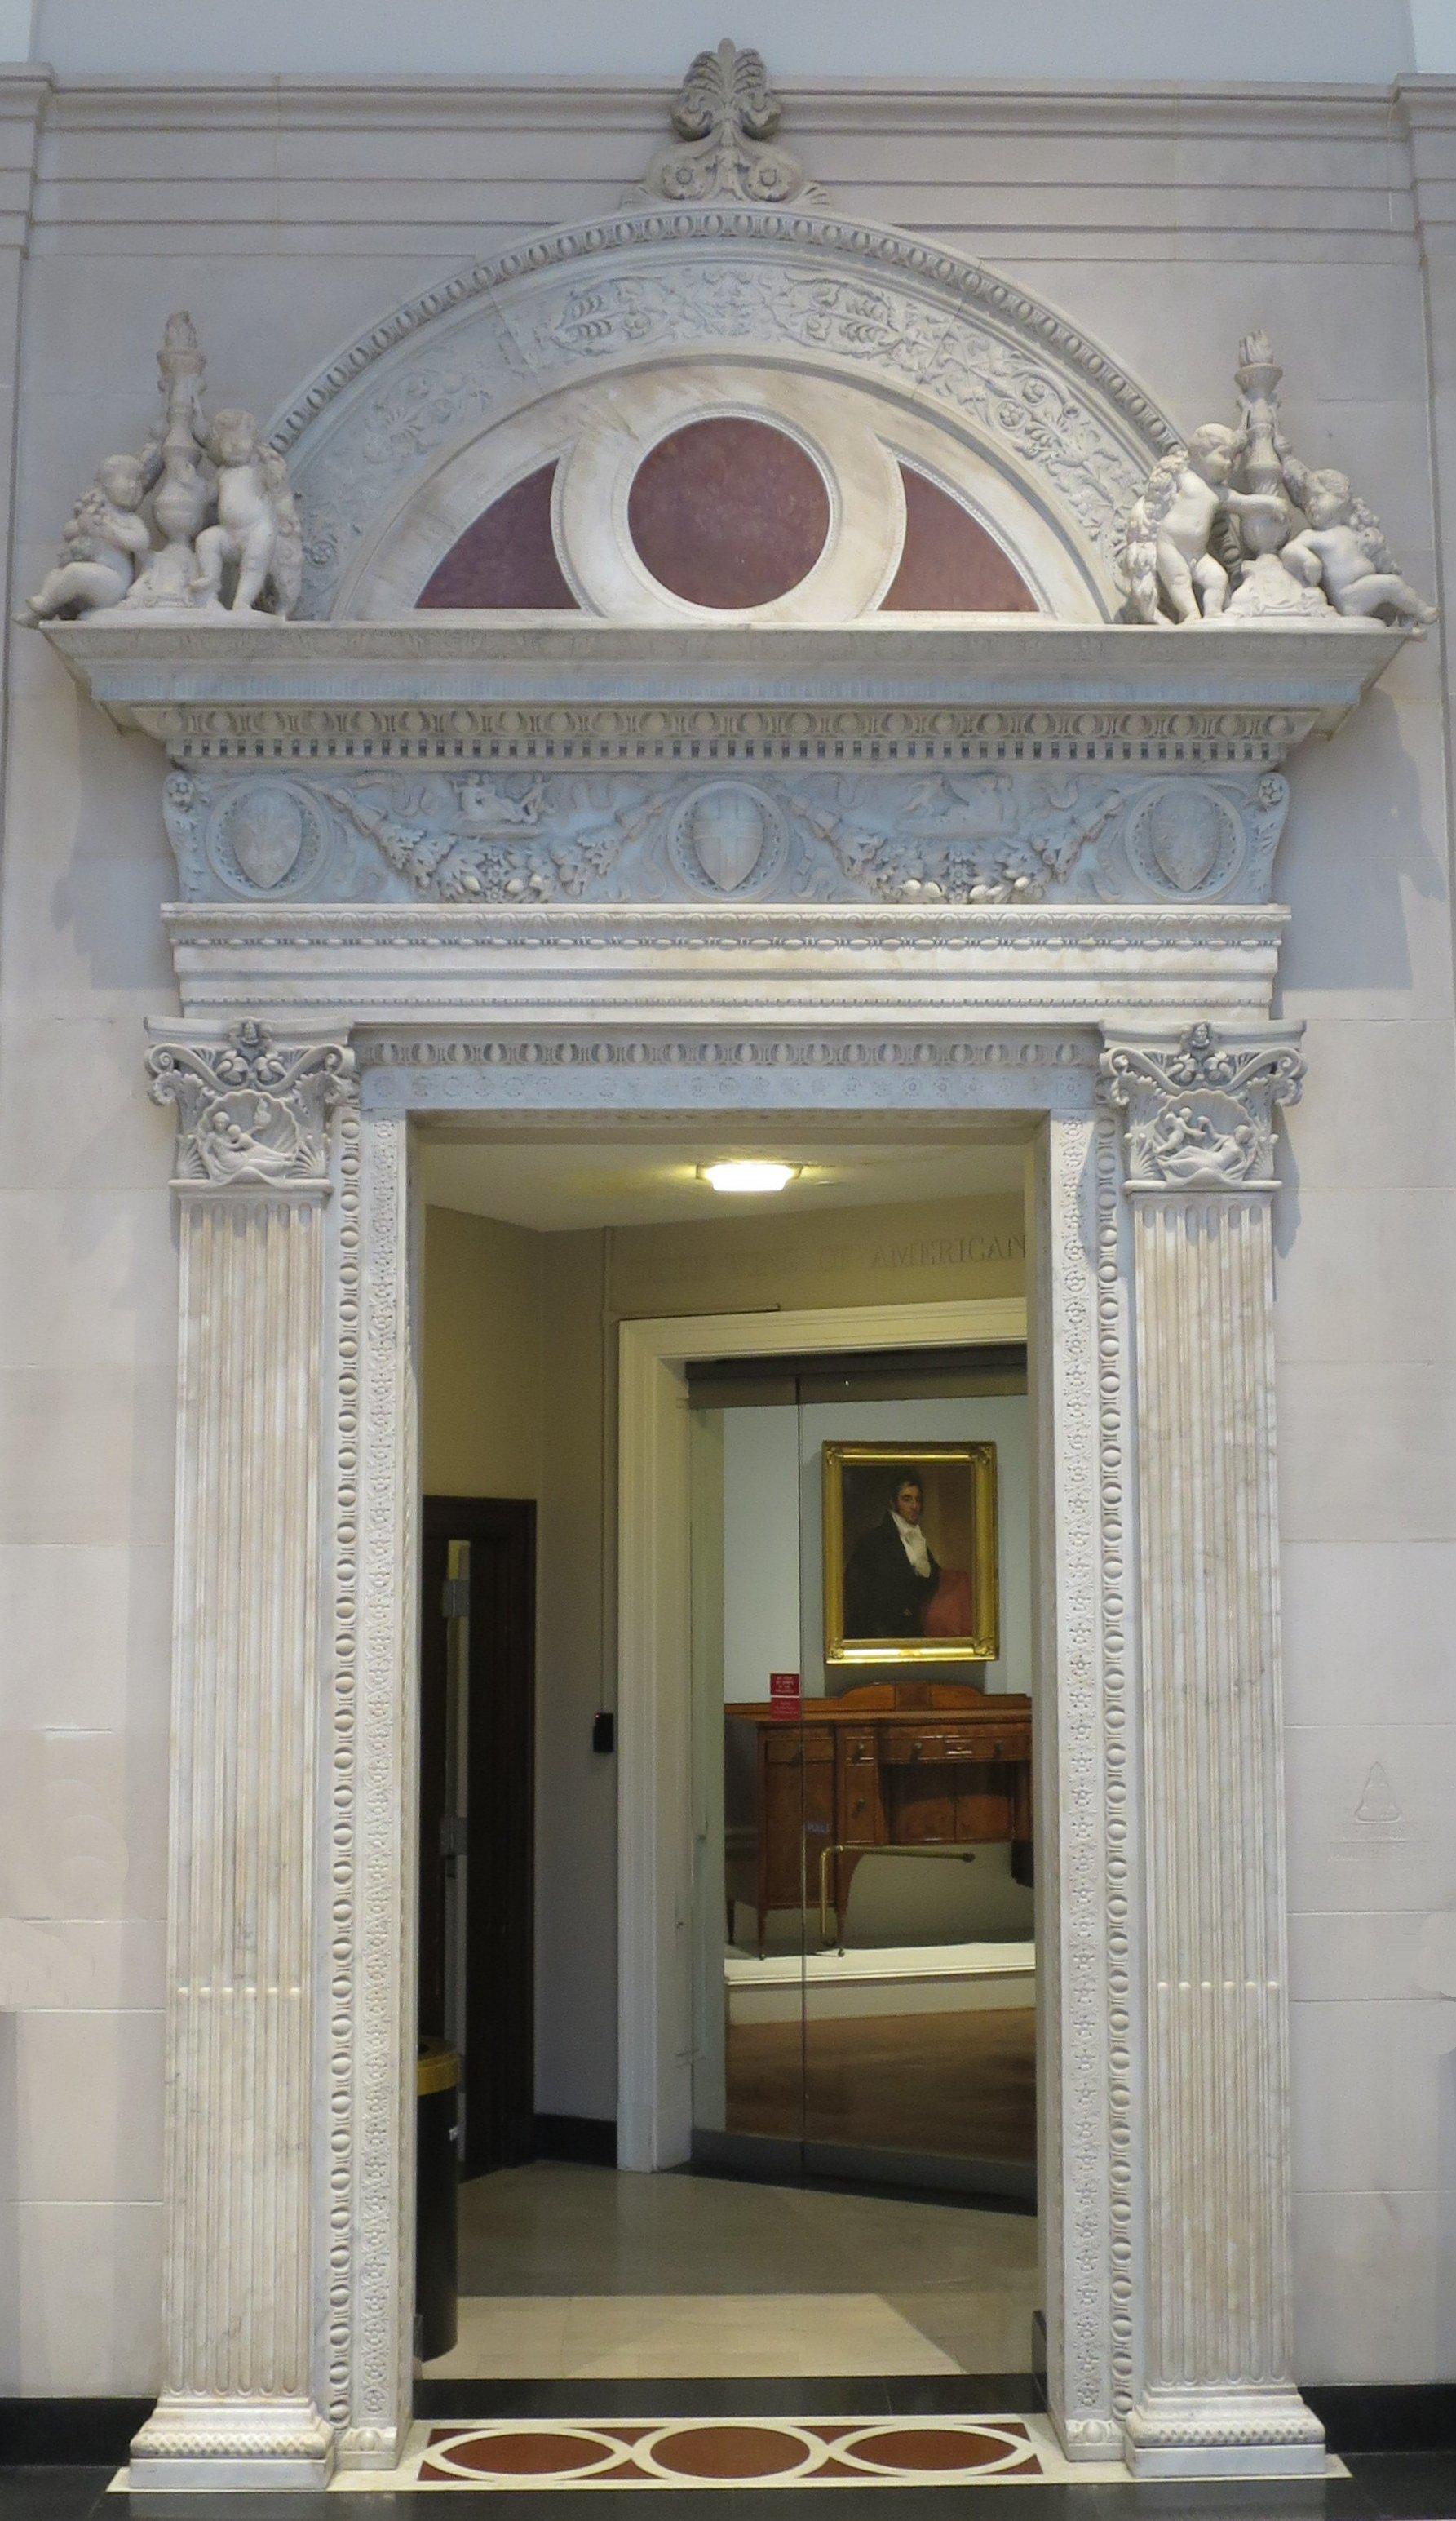 File:Door frame by Brainerd B. Thresher, c. 1930, Dayton Art ...